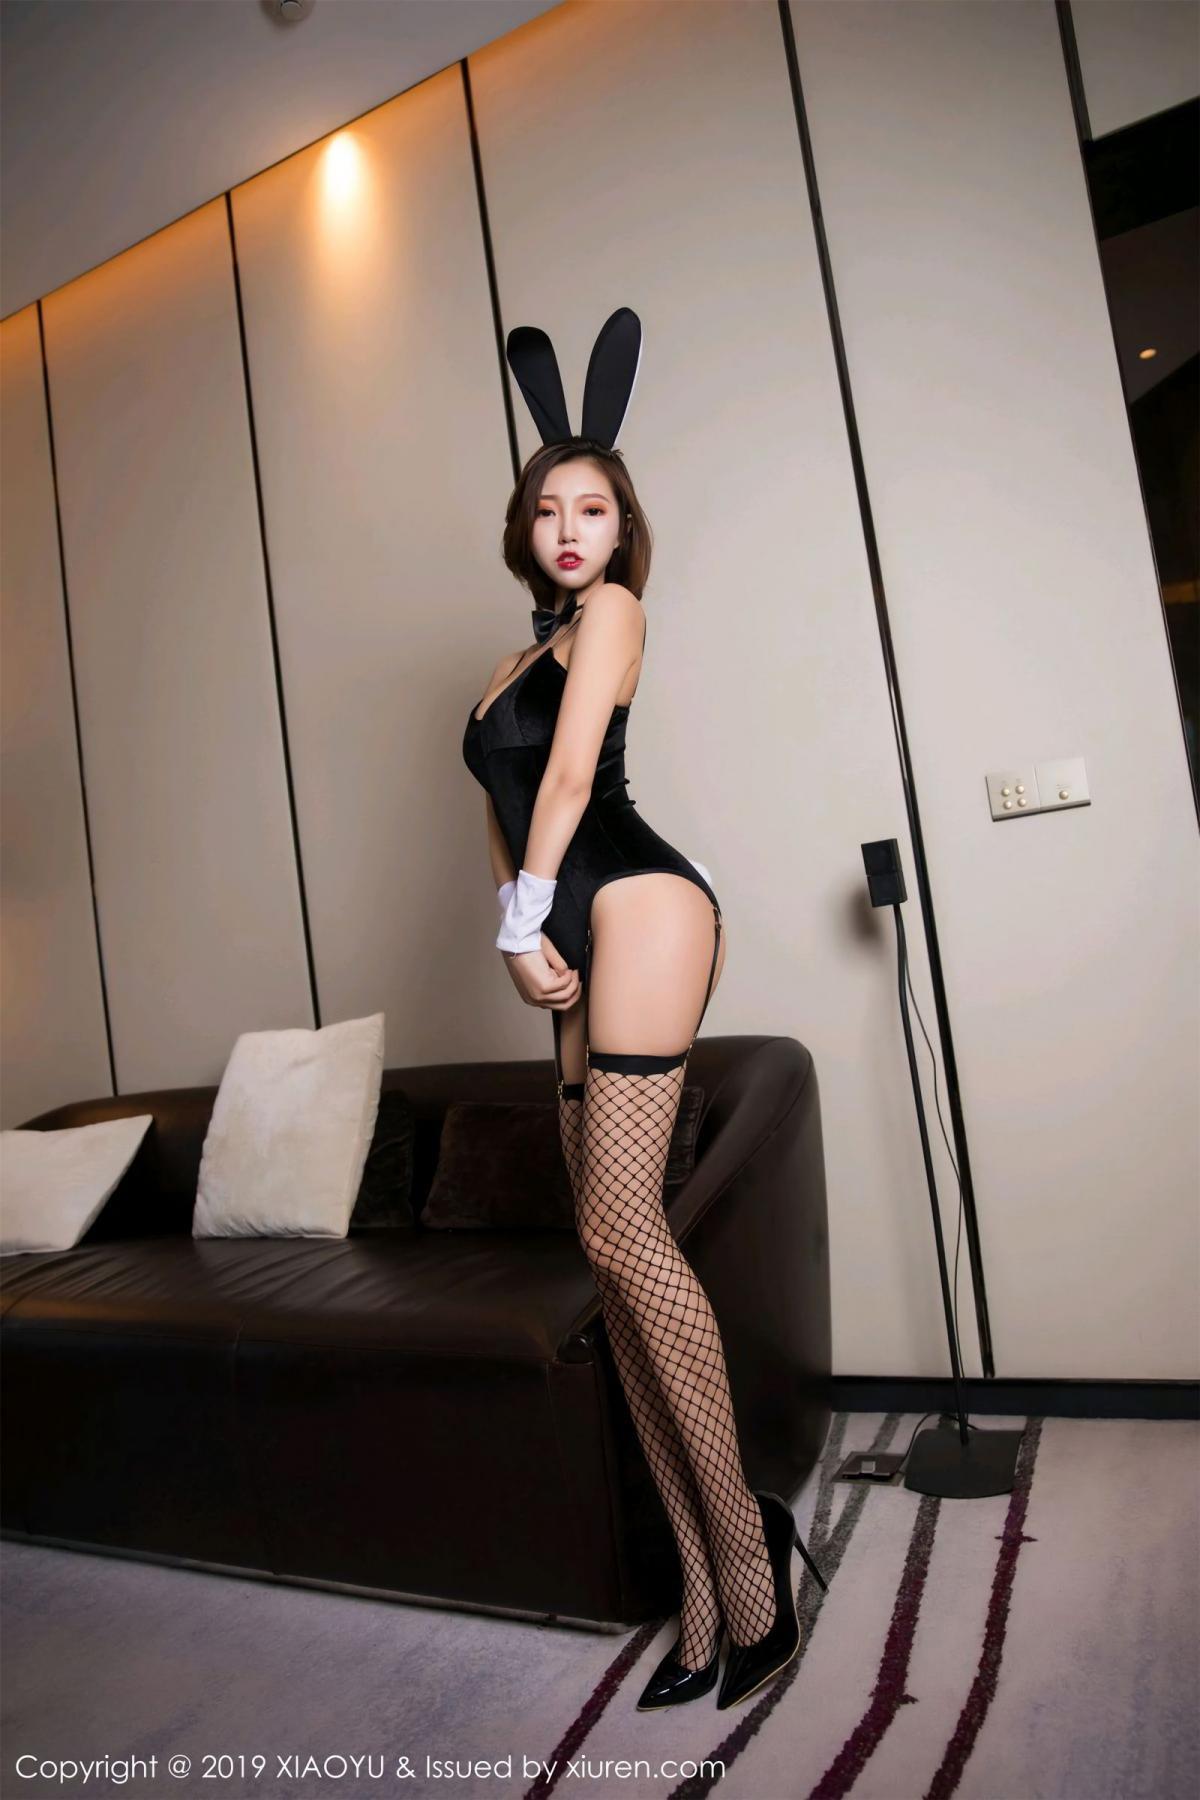 [XiaoYu] Vol.056 Lris 6P, Feng Mu Mu, Tall, XiaoYu